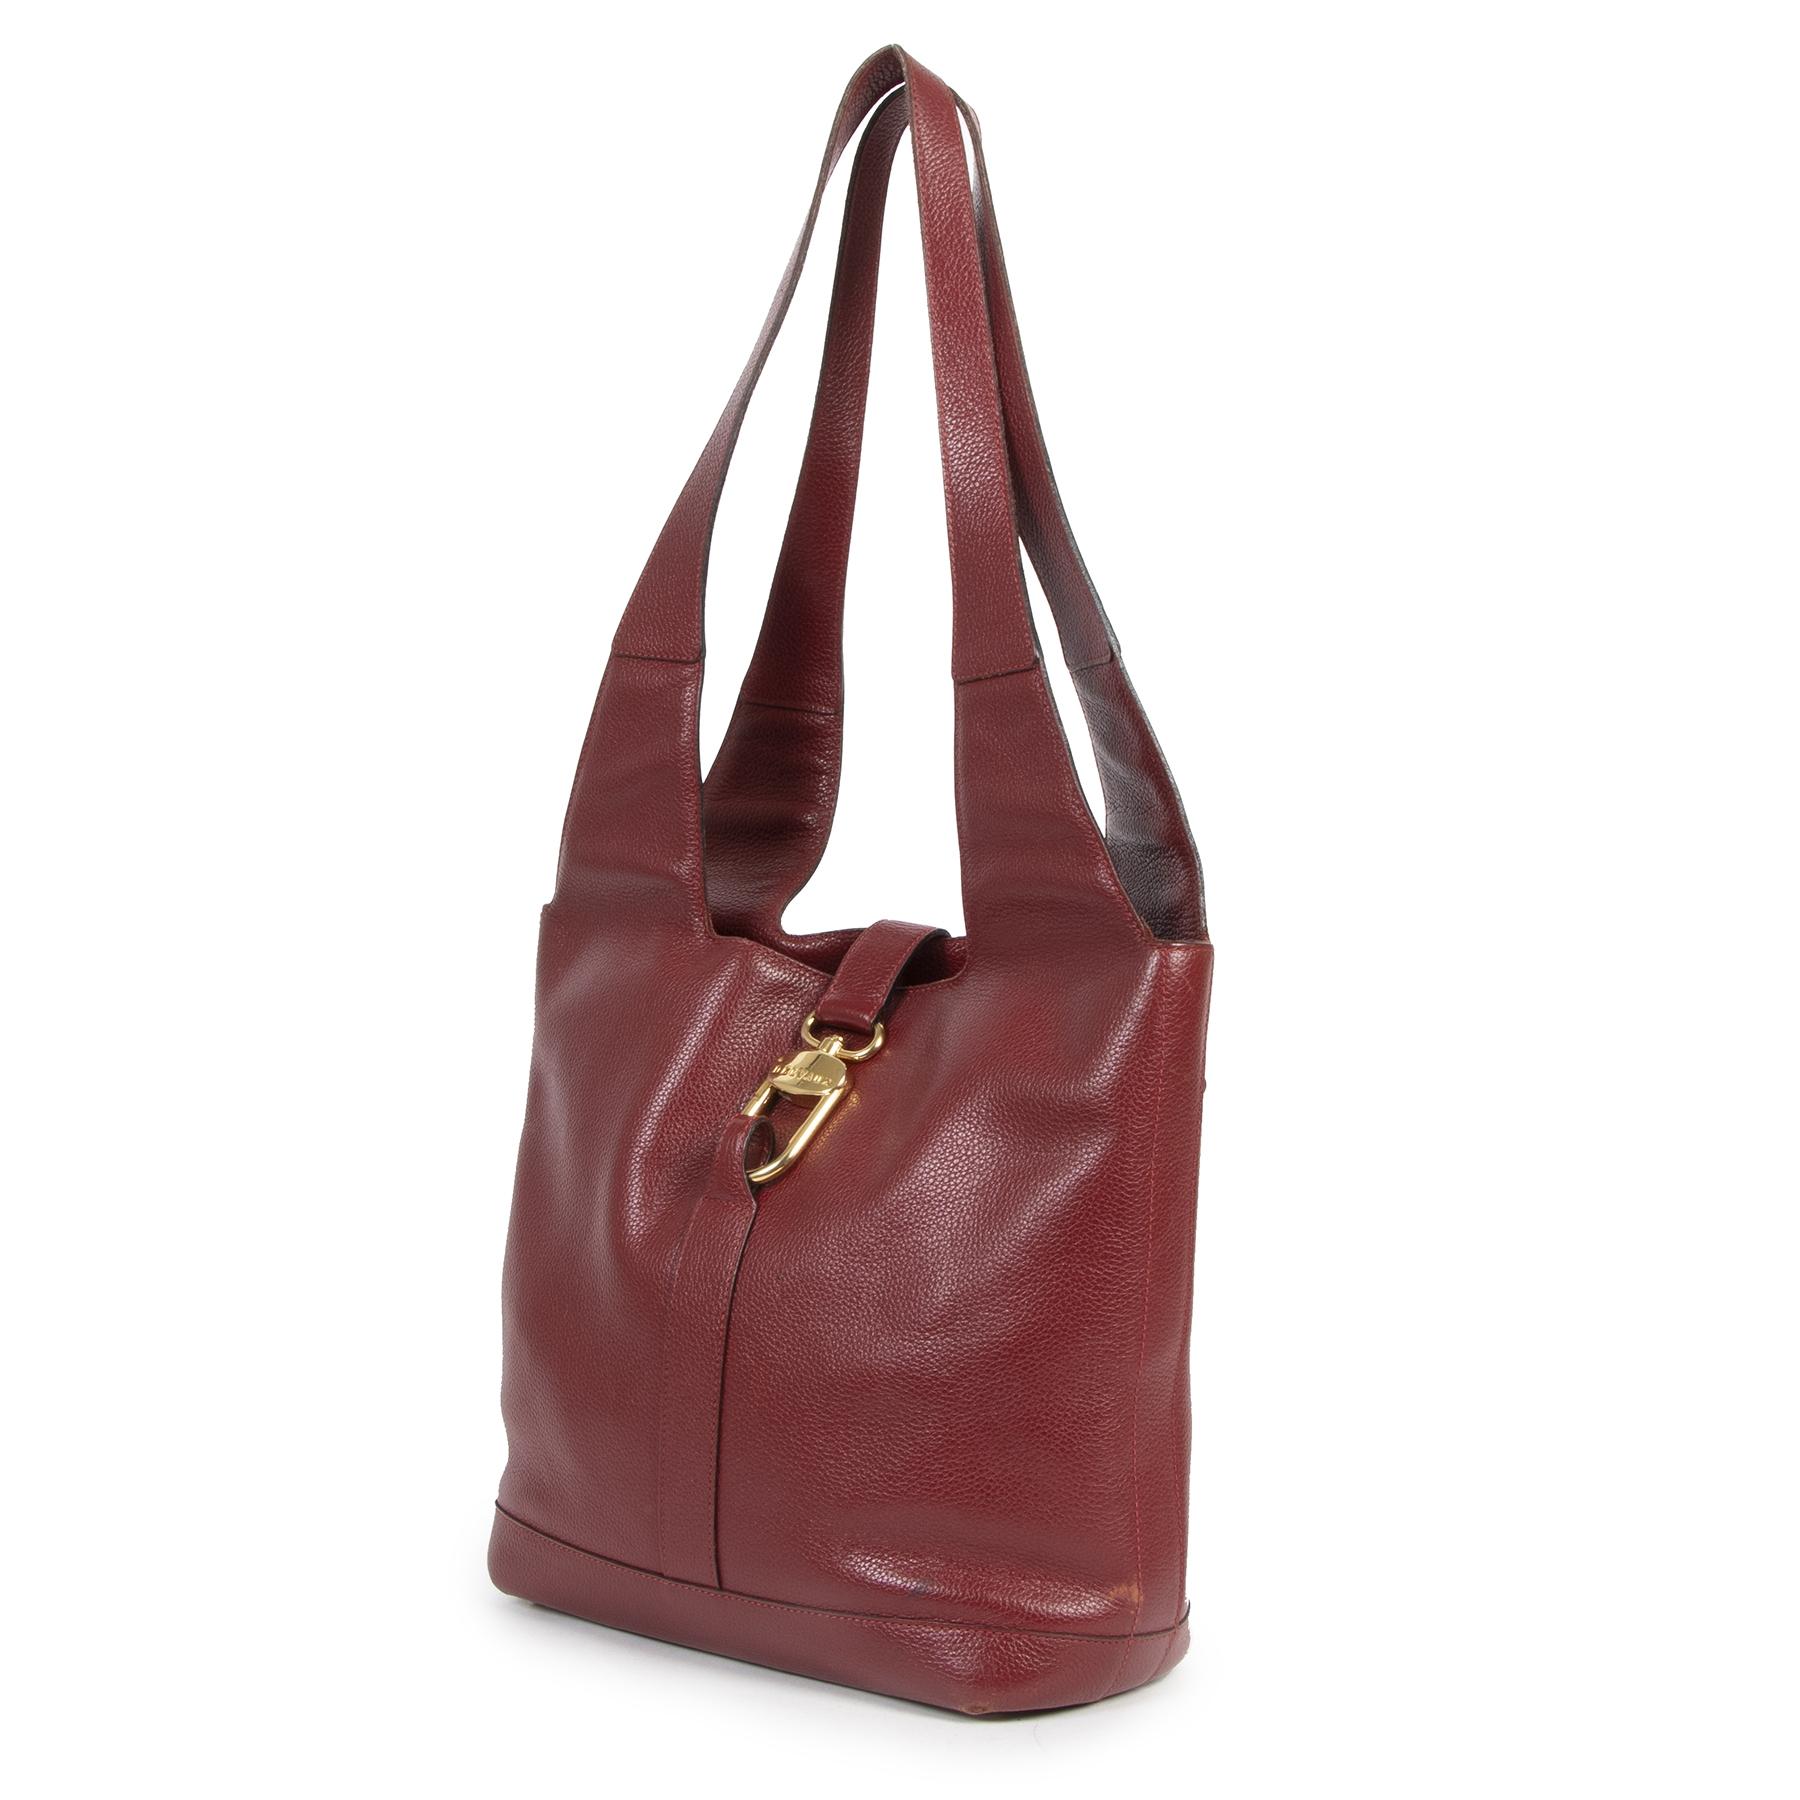 Delvaux Red Tote Shoulder Bag tweedehands aan de juiste prijs in alle veiligheid online bij LabelLOV Antwerpen België